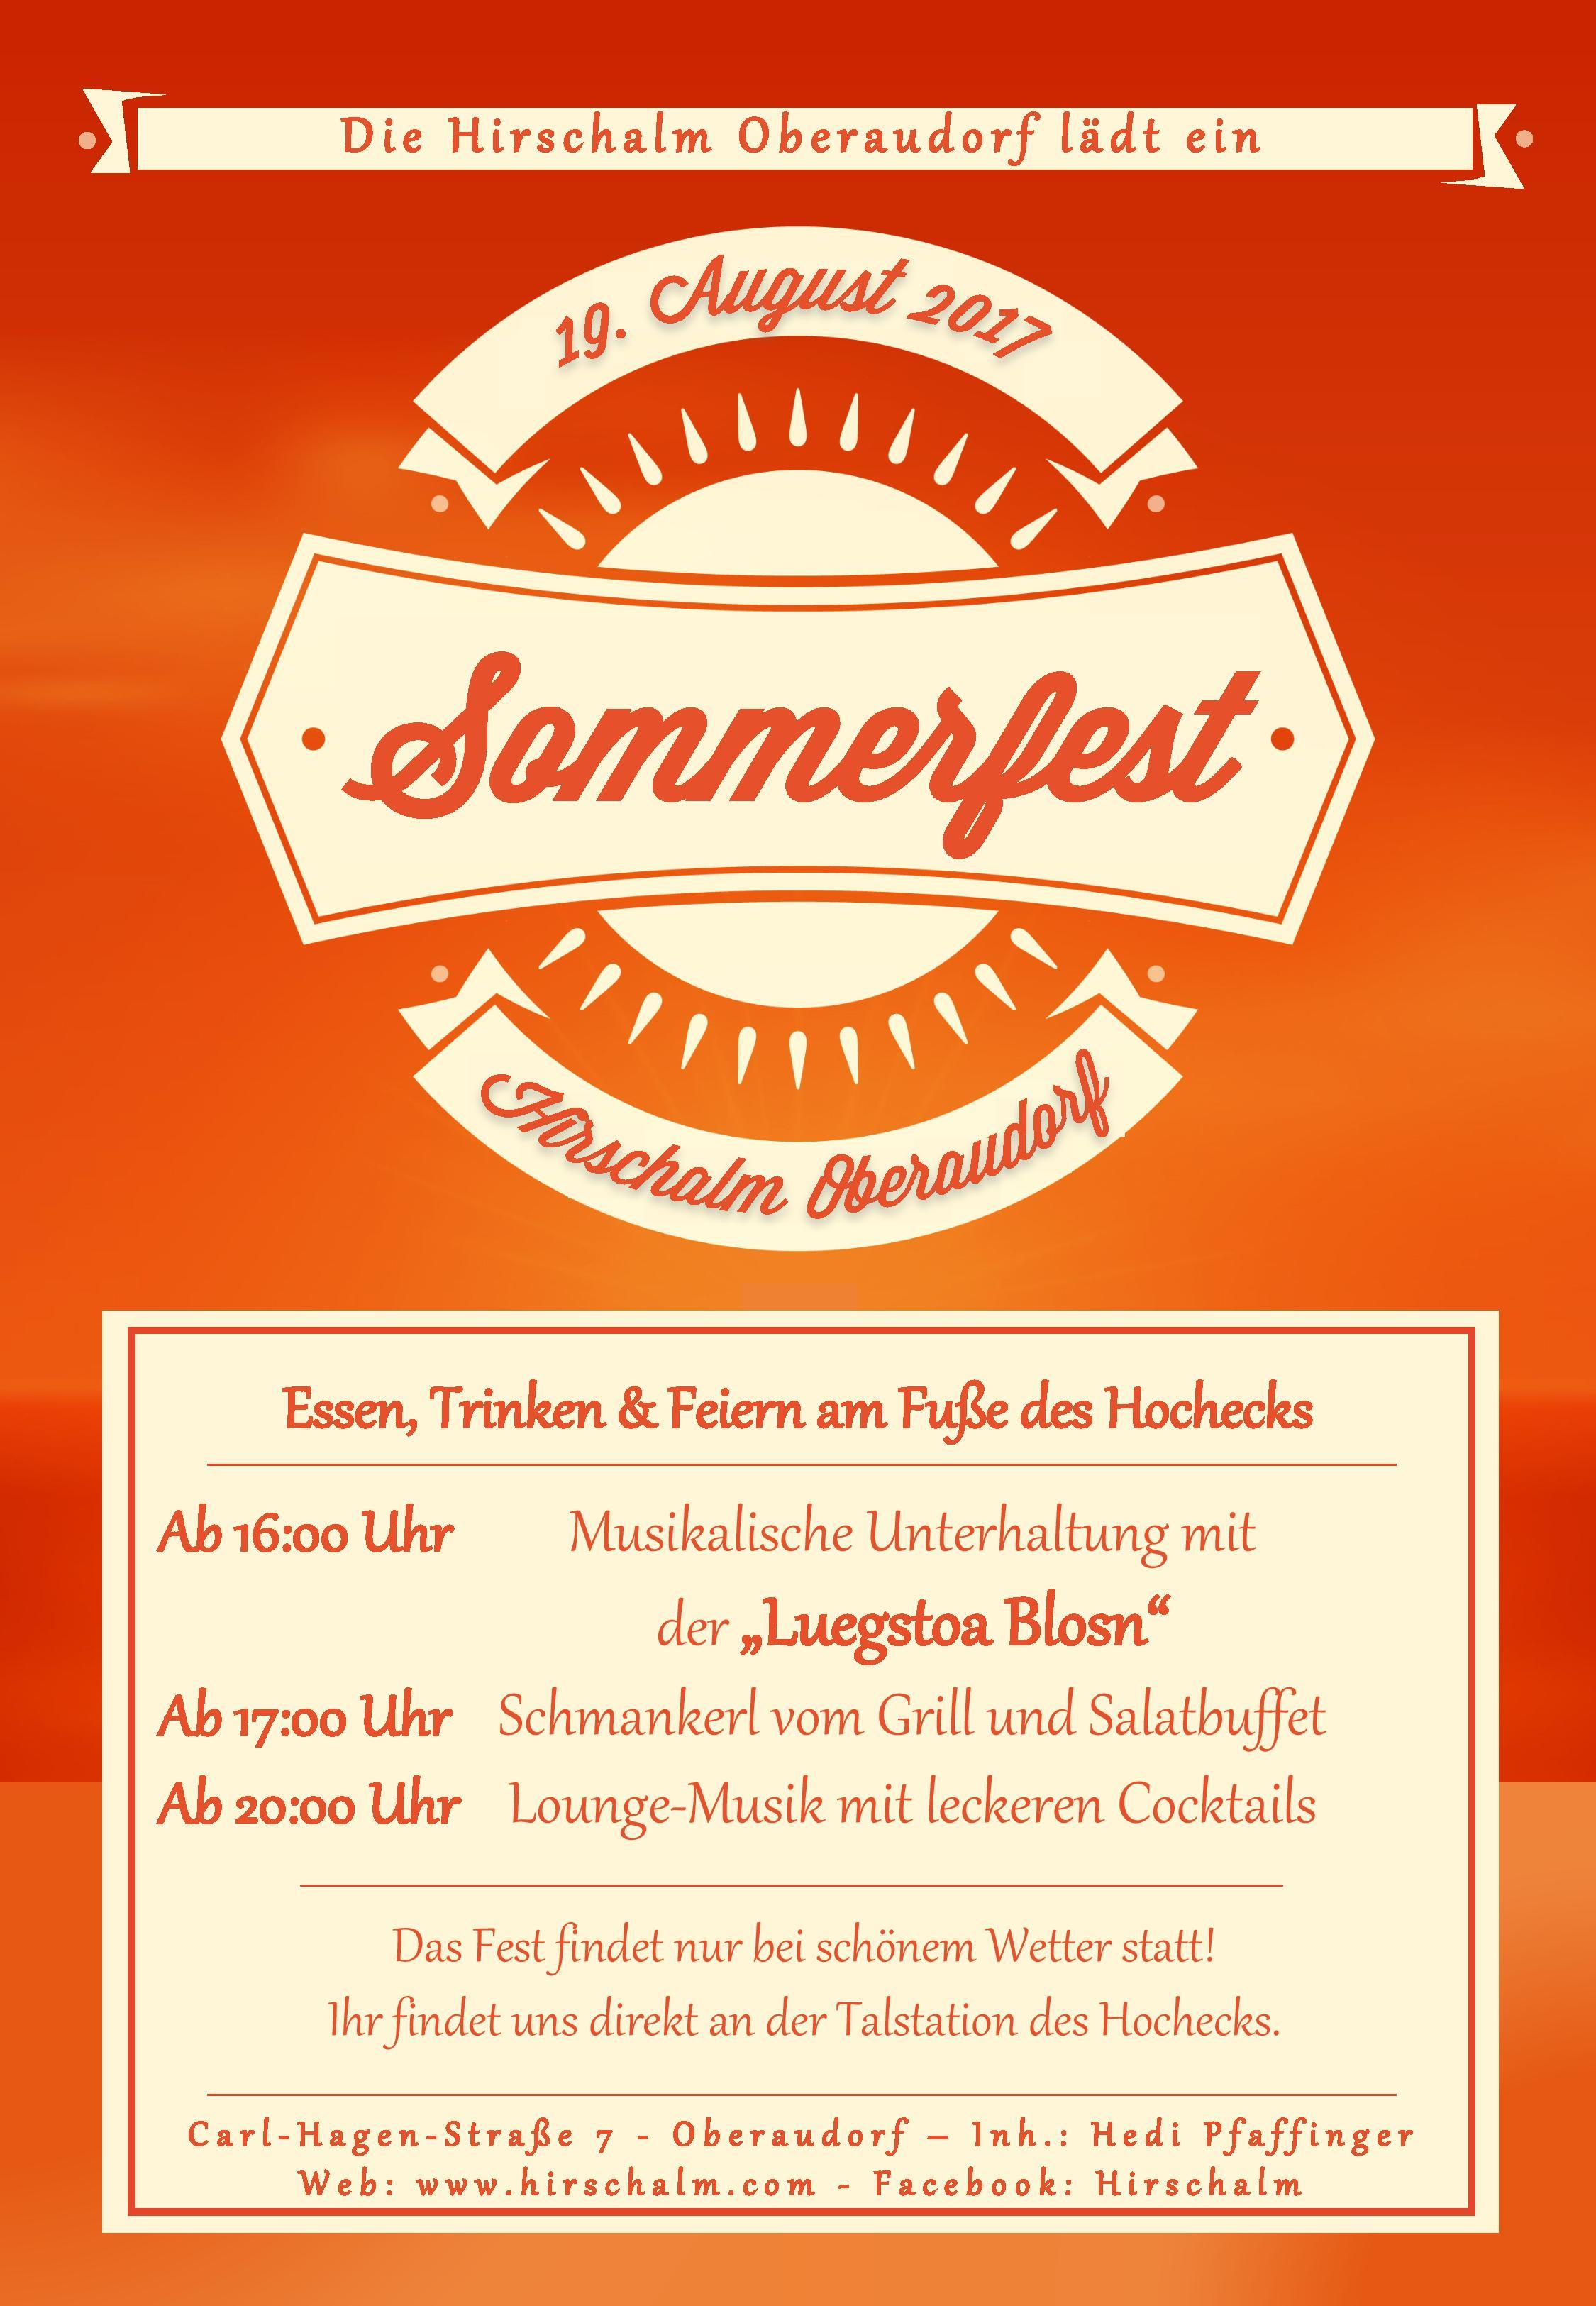 Sommerfest 2017 an der Talstation des Hochecks in der Hirschalm Oberaudorf